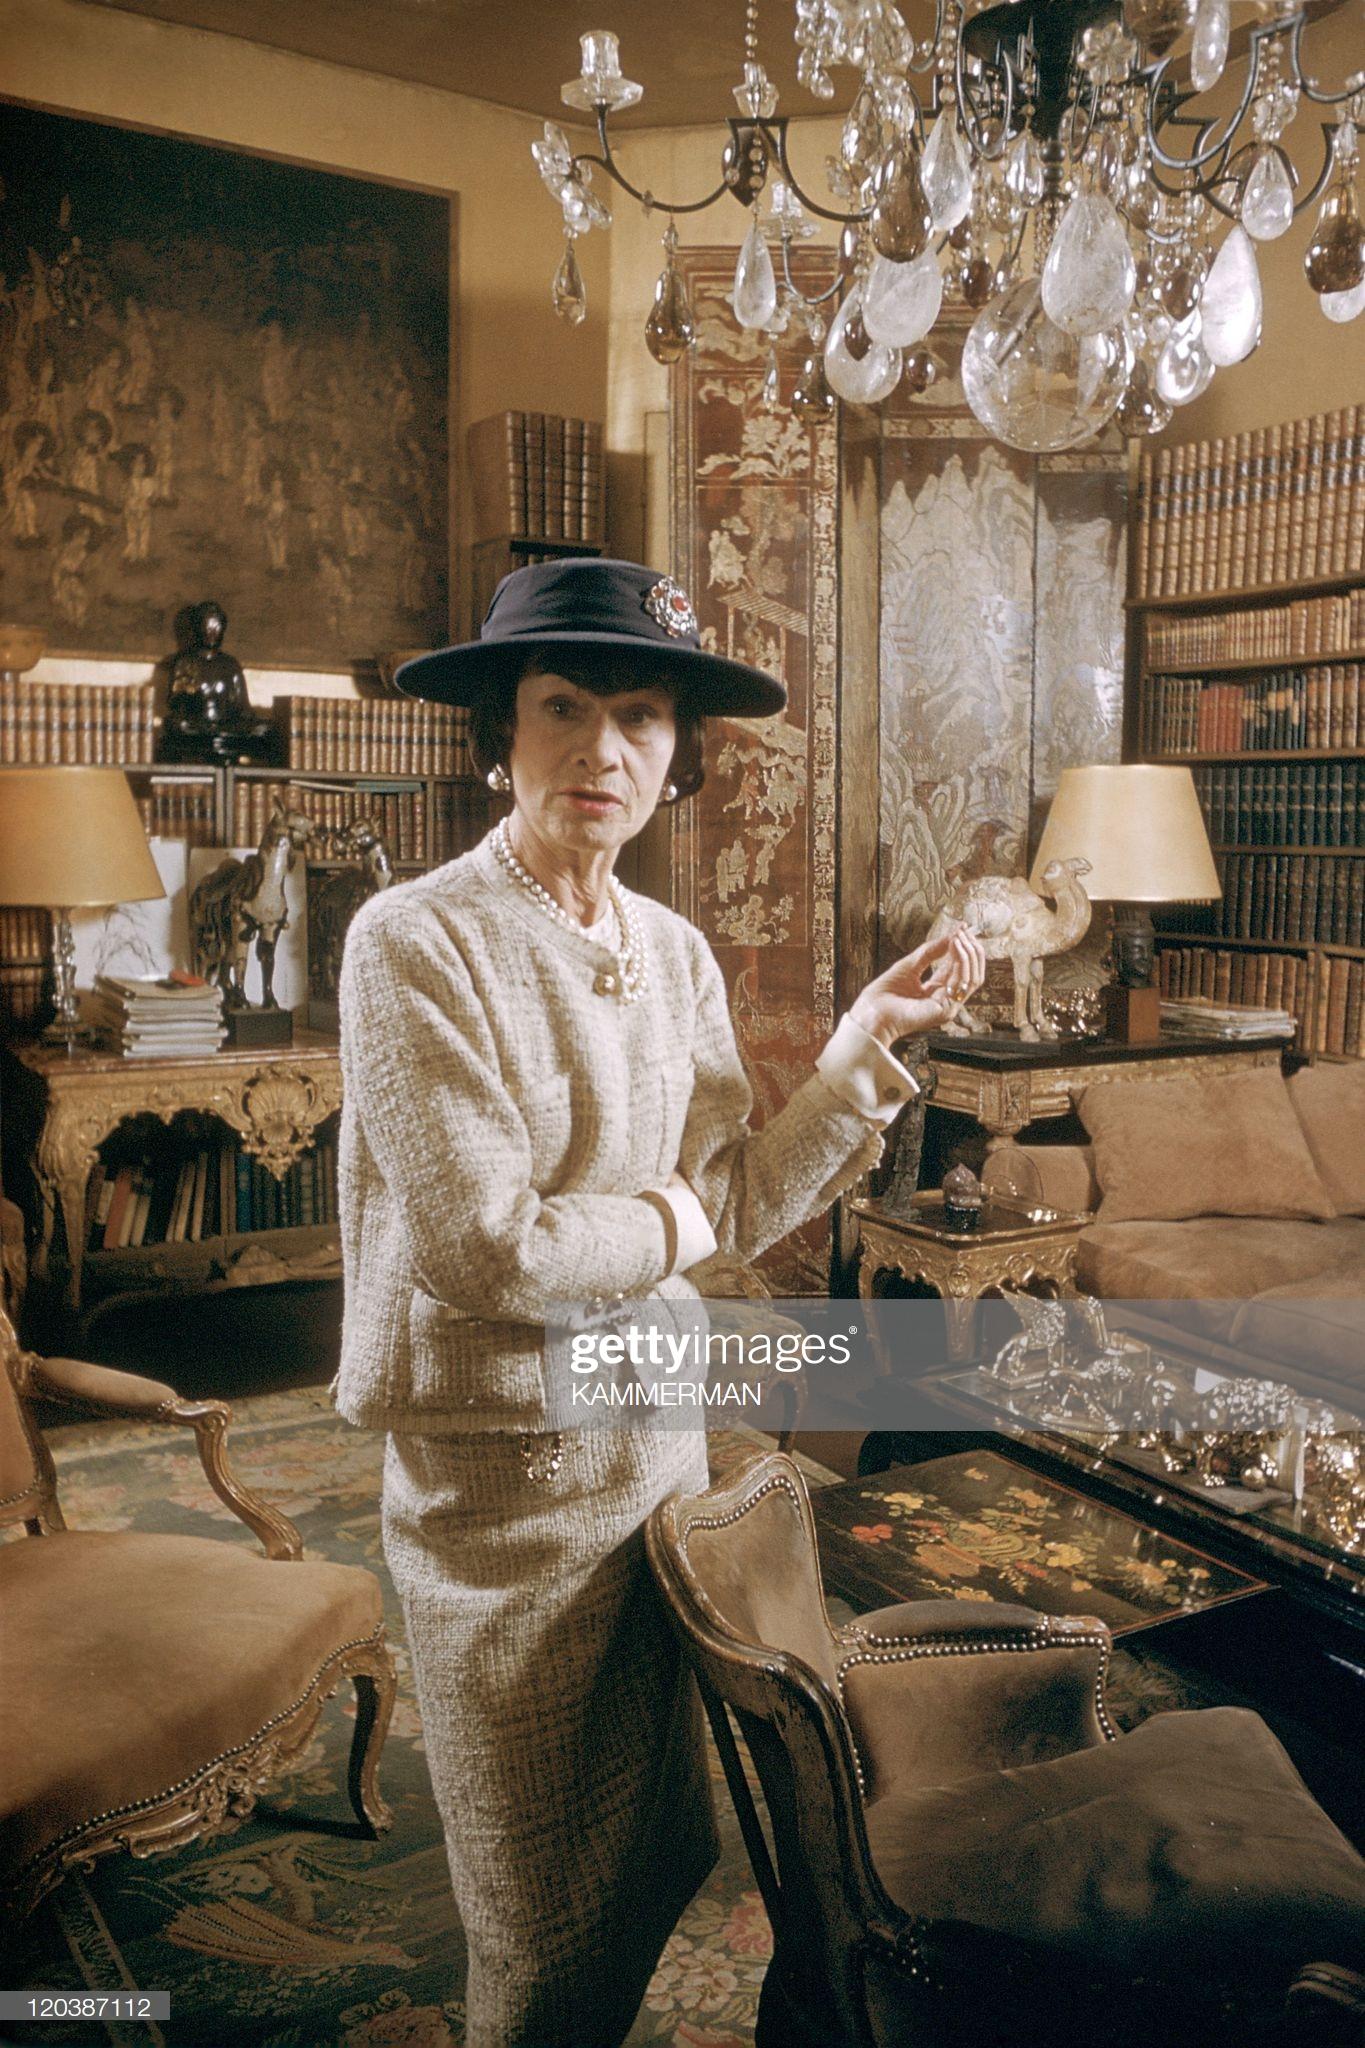 chân dung nhà thiết kế coco chanel mặc đầm tweed và vòng cổ ngọc trai